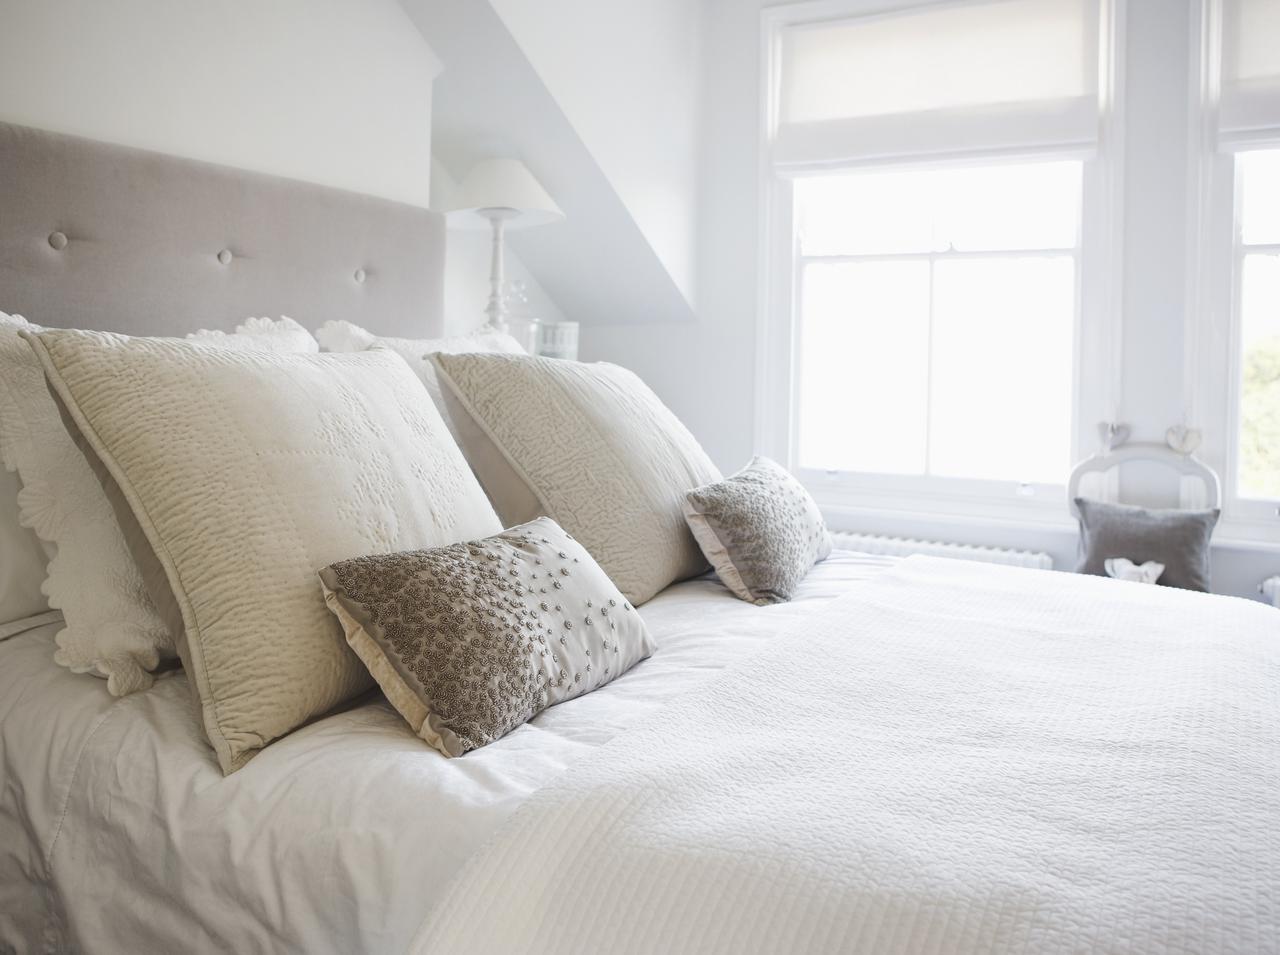 画像: 肌に負担をかけない枕を選ぶ